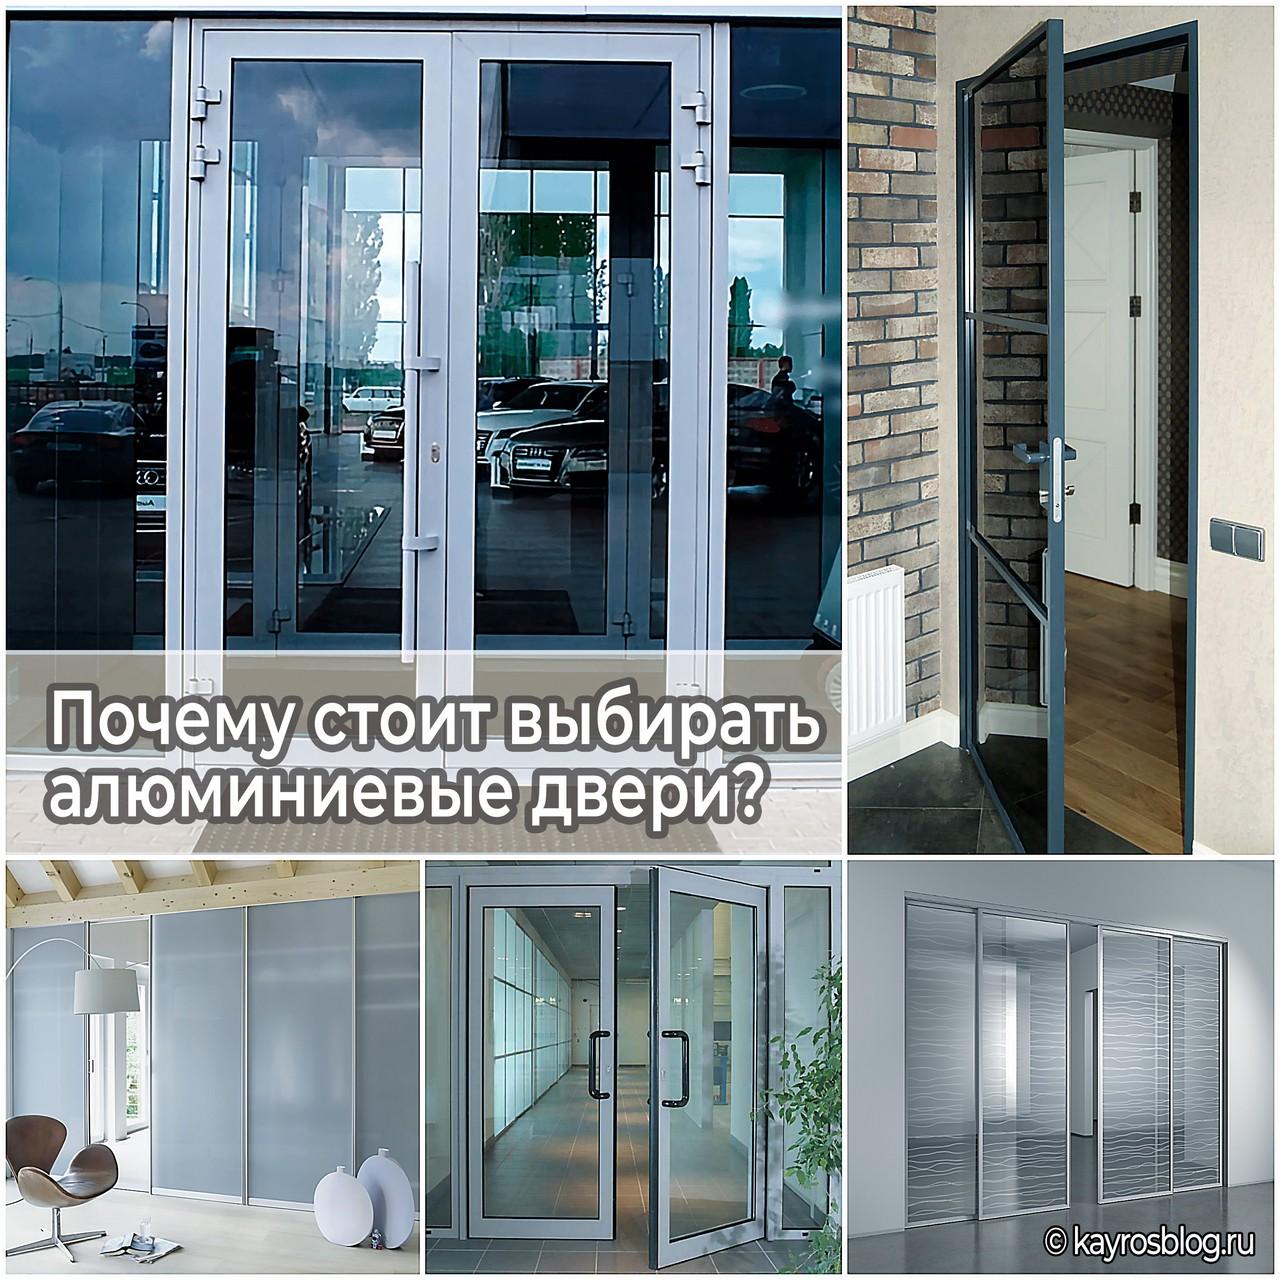 Почему стоит выбирать алюминиевые двери